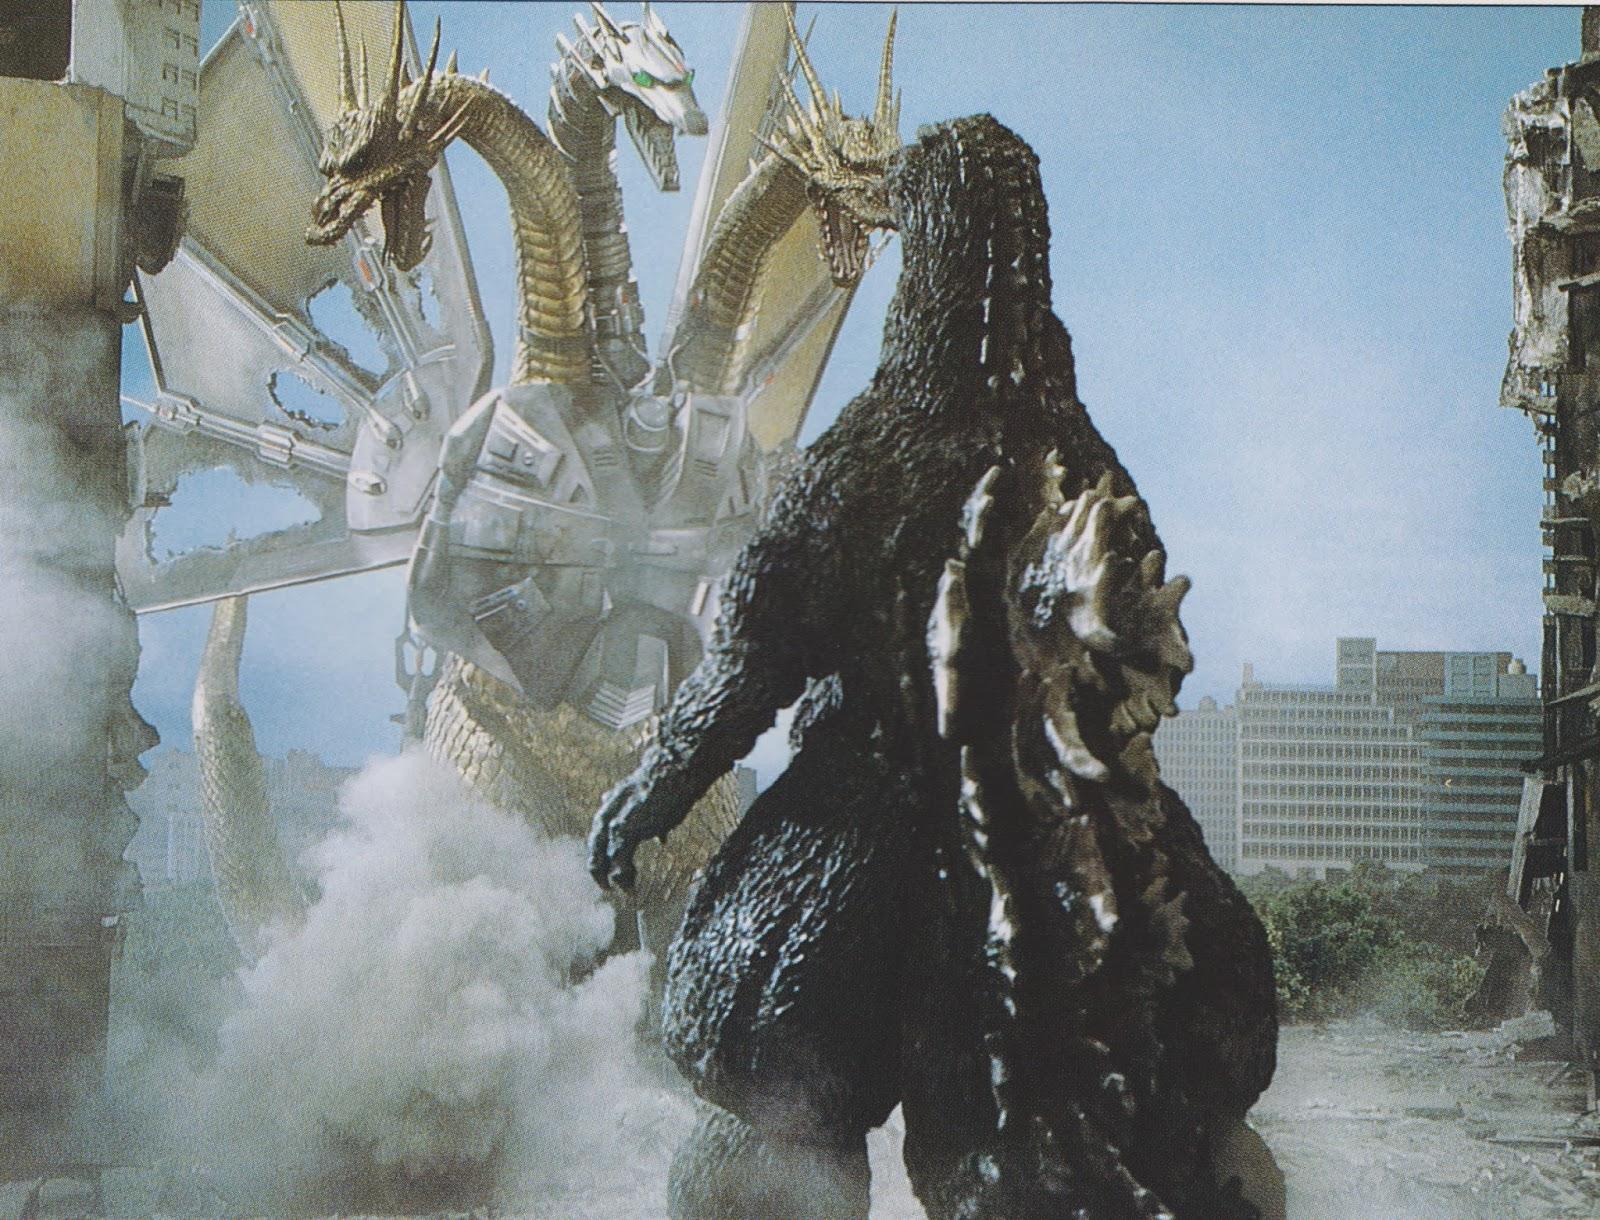 Godzilla Vs Mecha King Ghidorah Image - GVKG - Godzill...